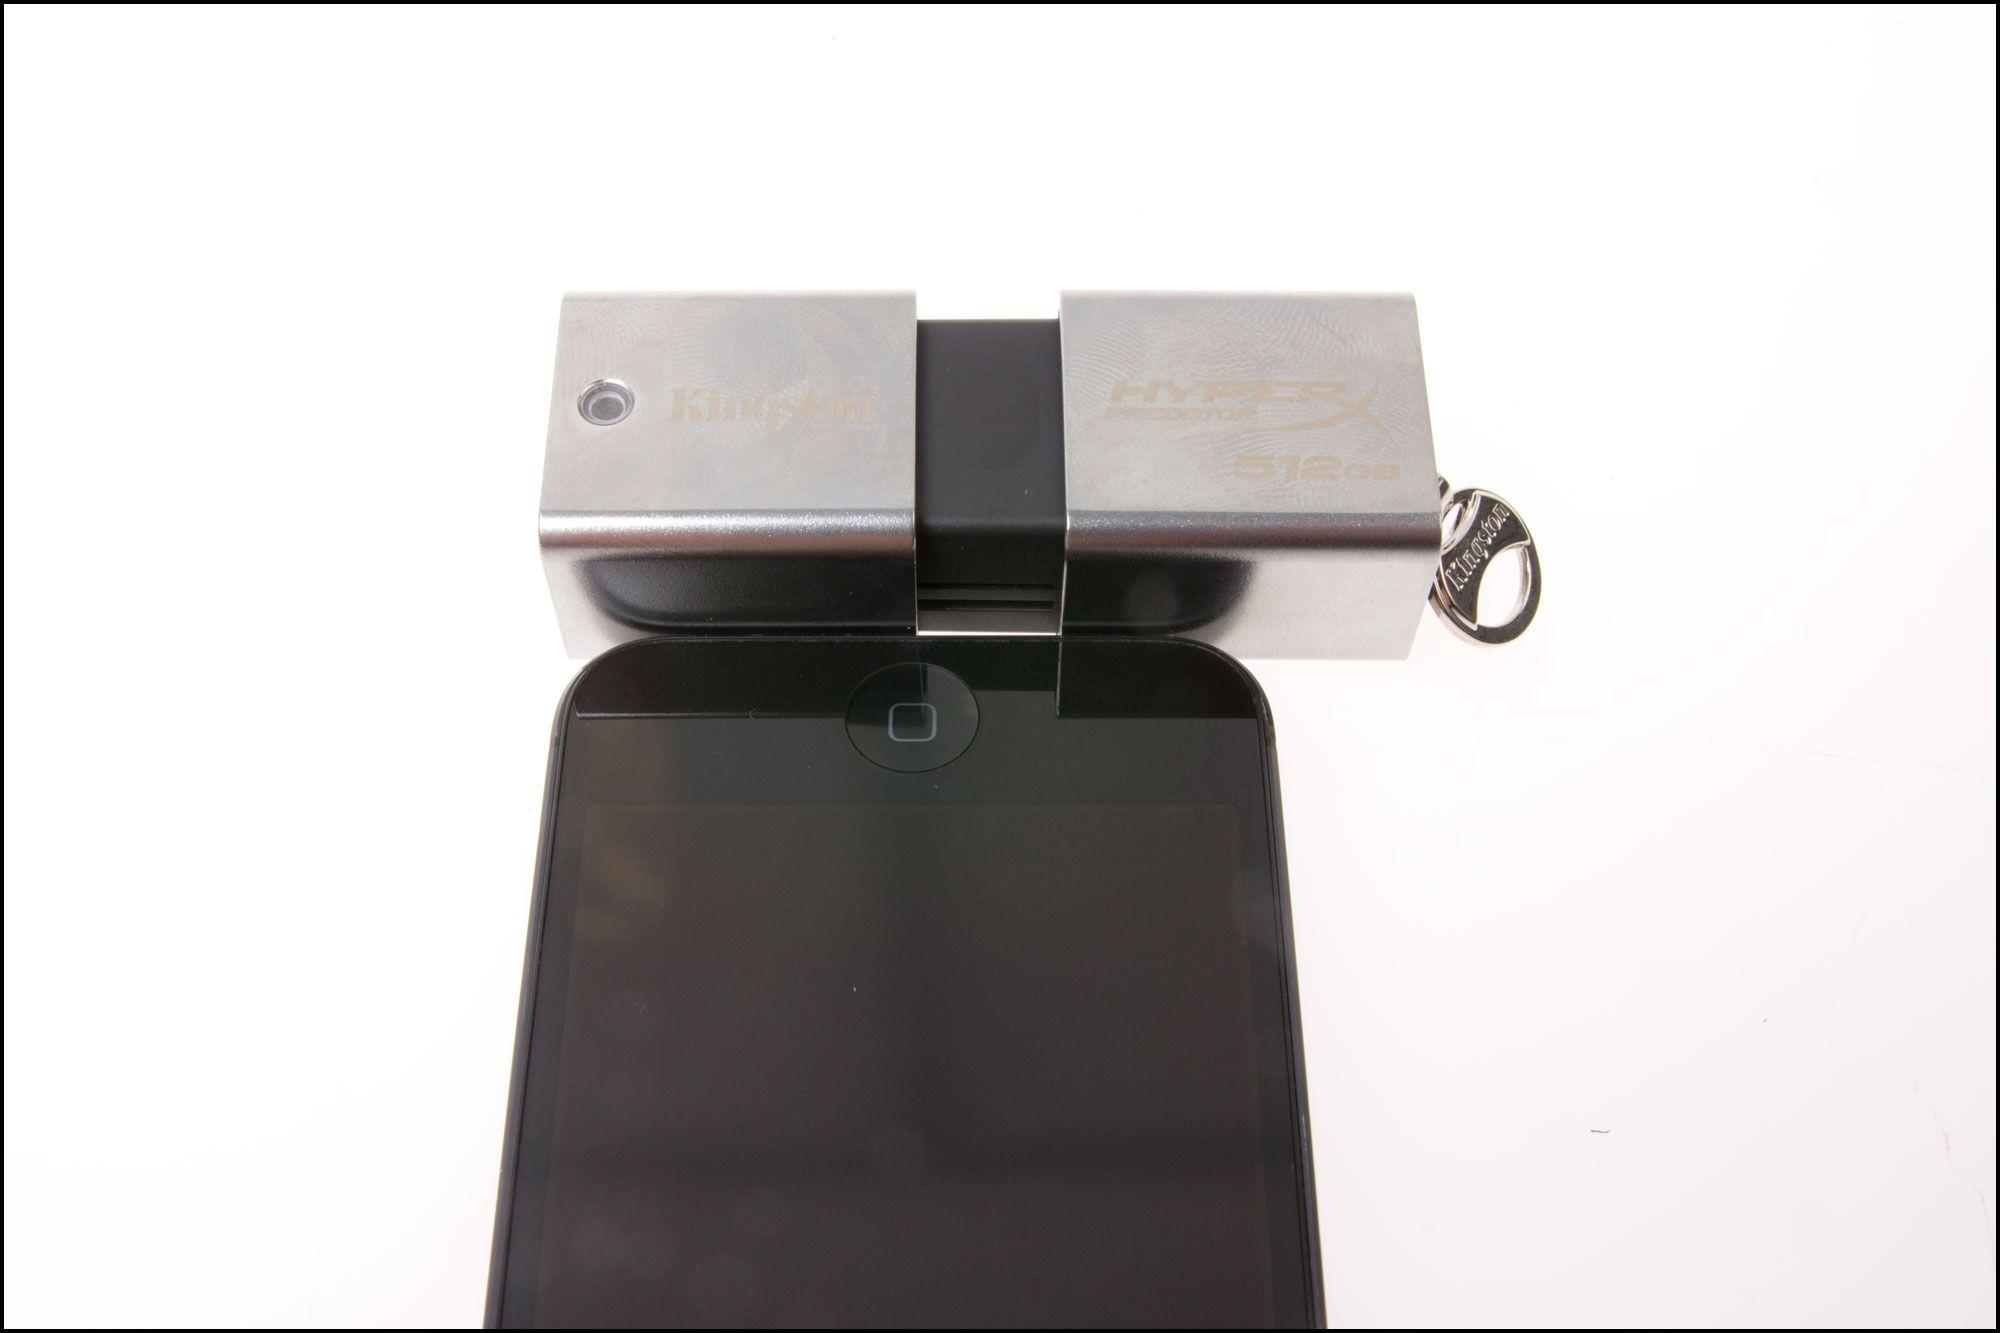 Størrelsen sammenlignet med rumpa til en iPhone 5.Foto: Jørgen Elton Nilsen, Hardware.no